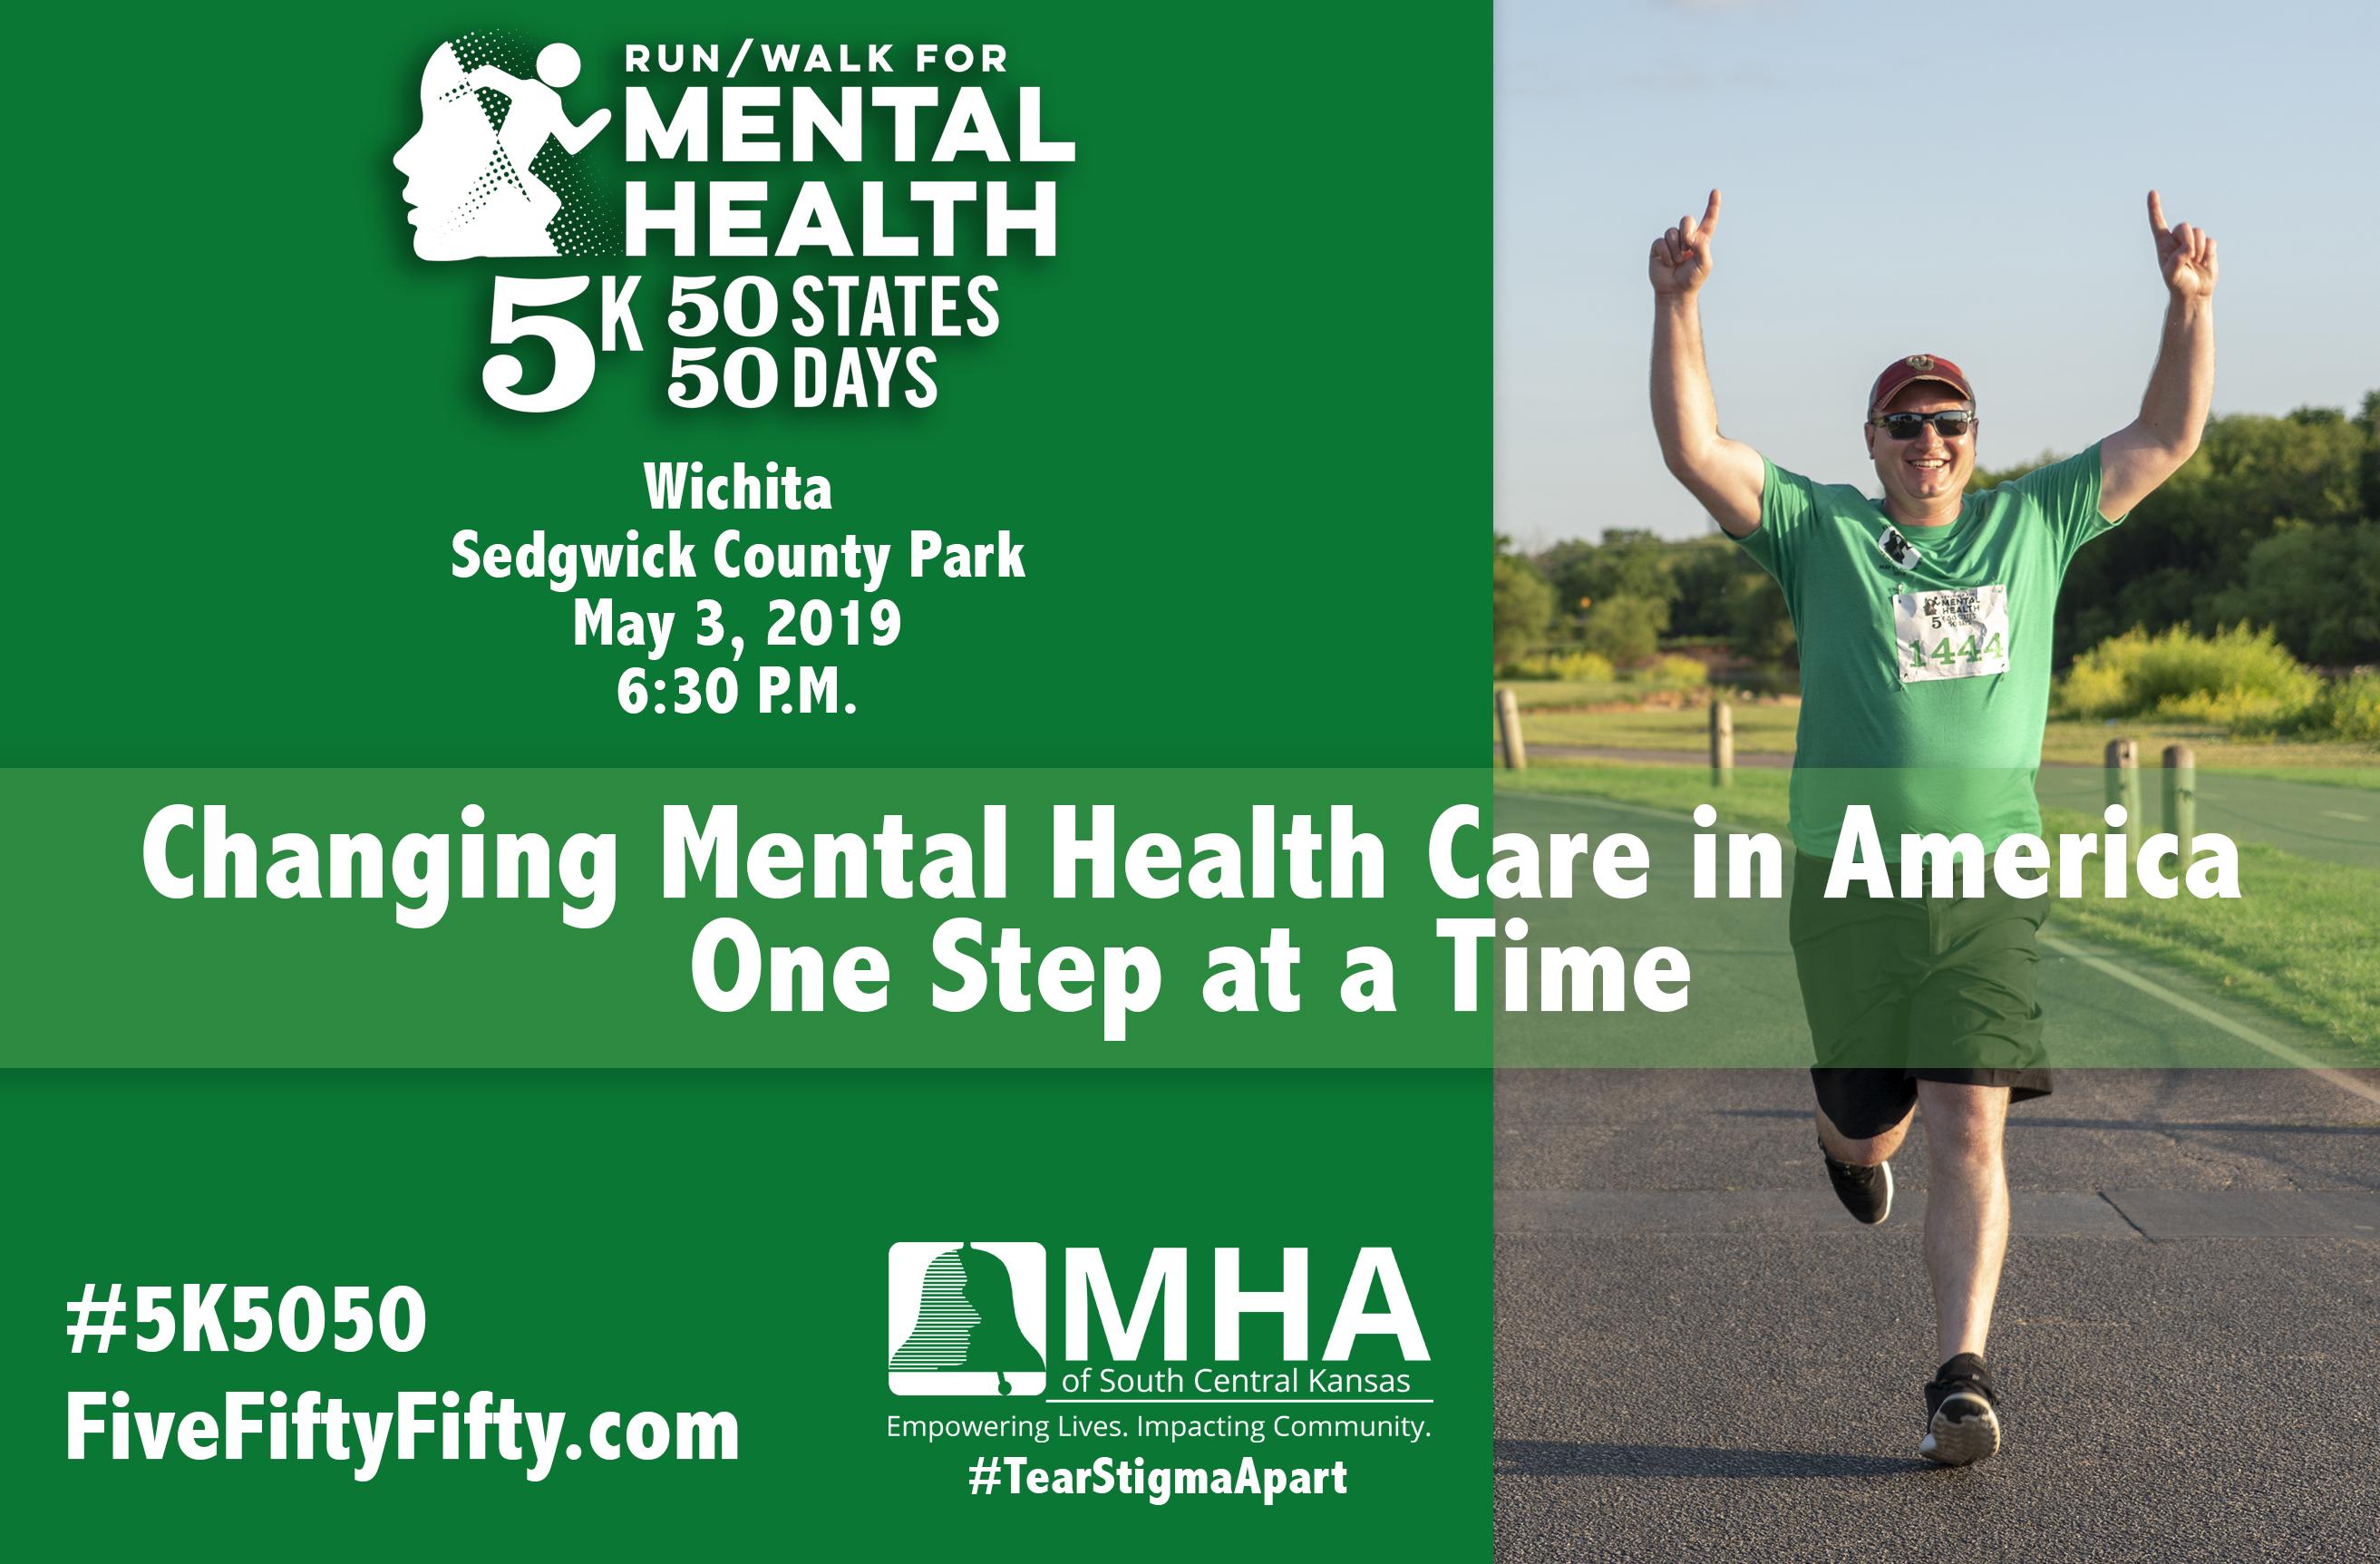 5K 50 States in 50 Days Run/Walk